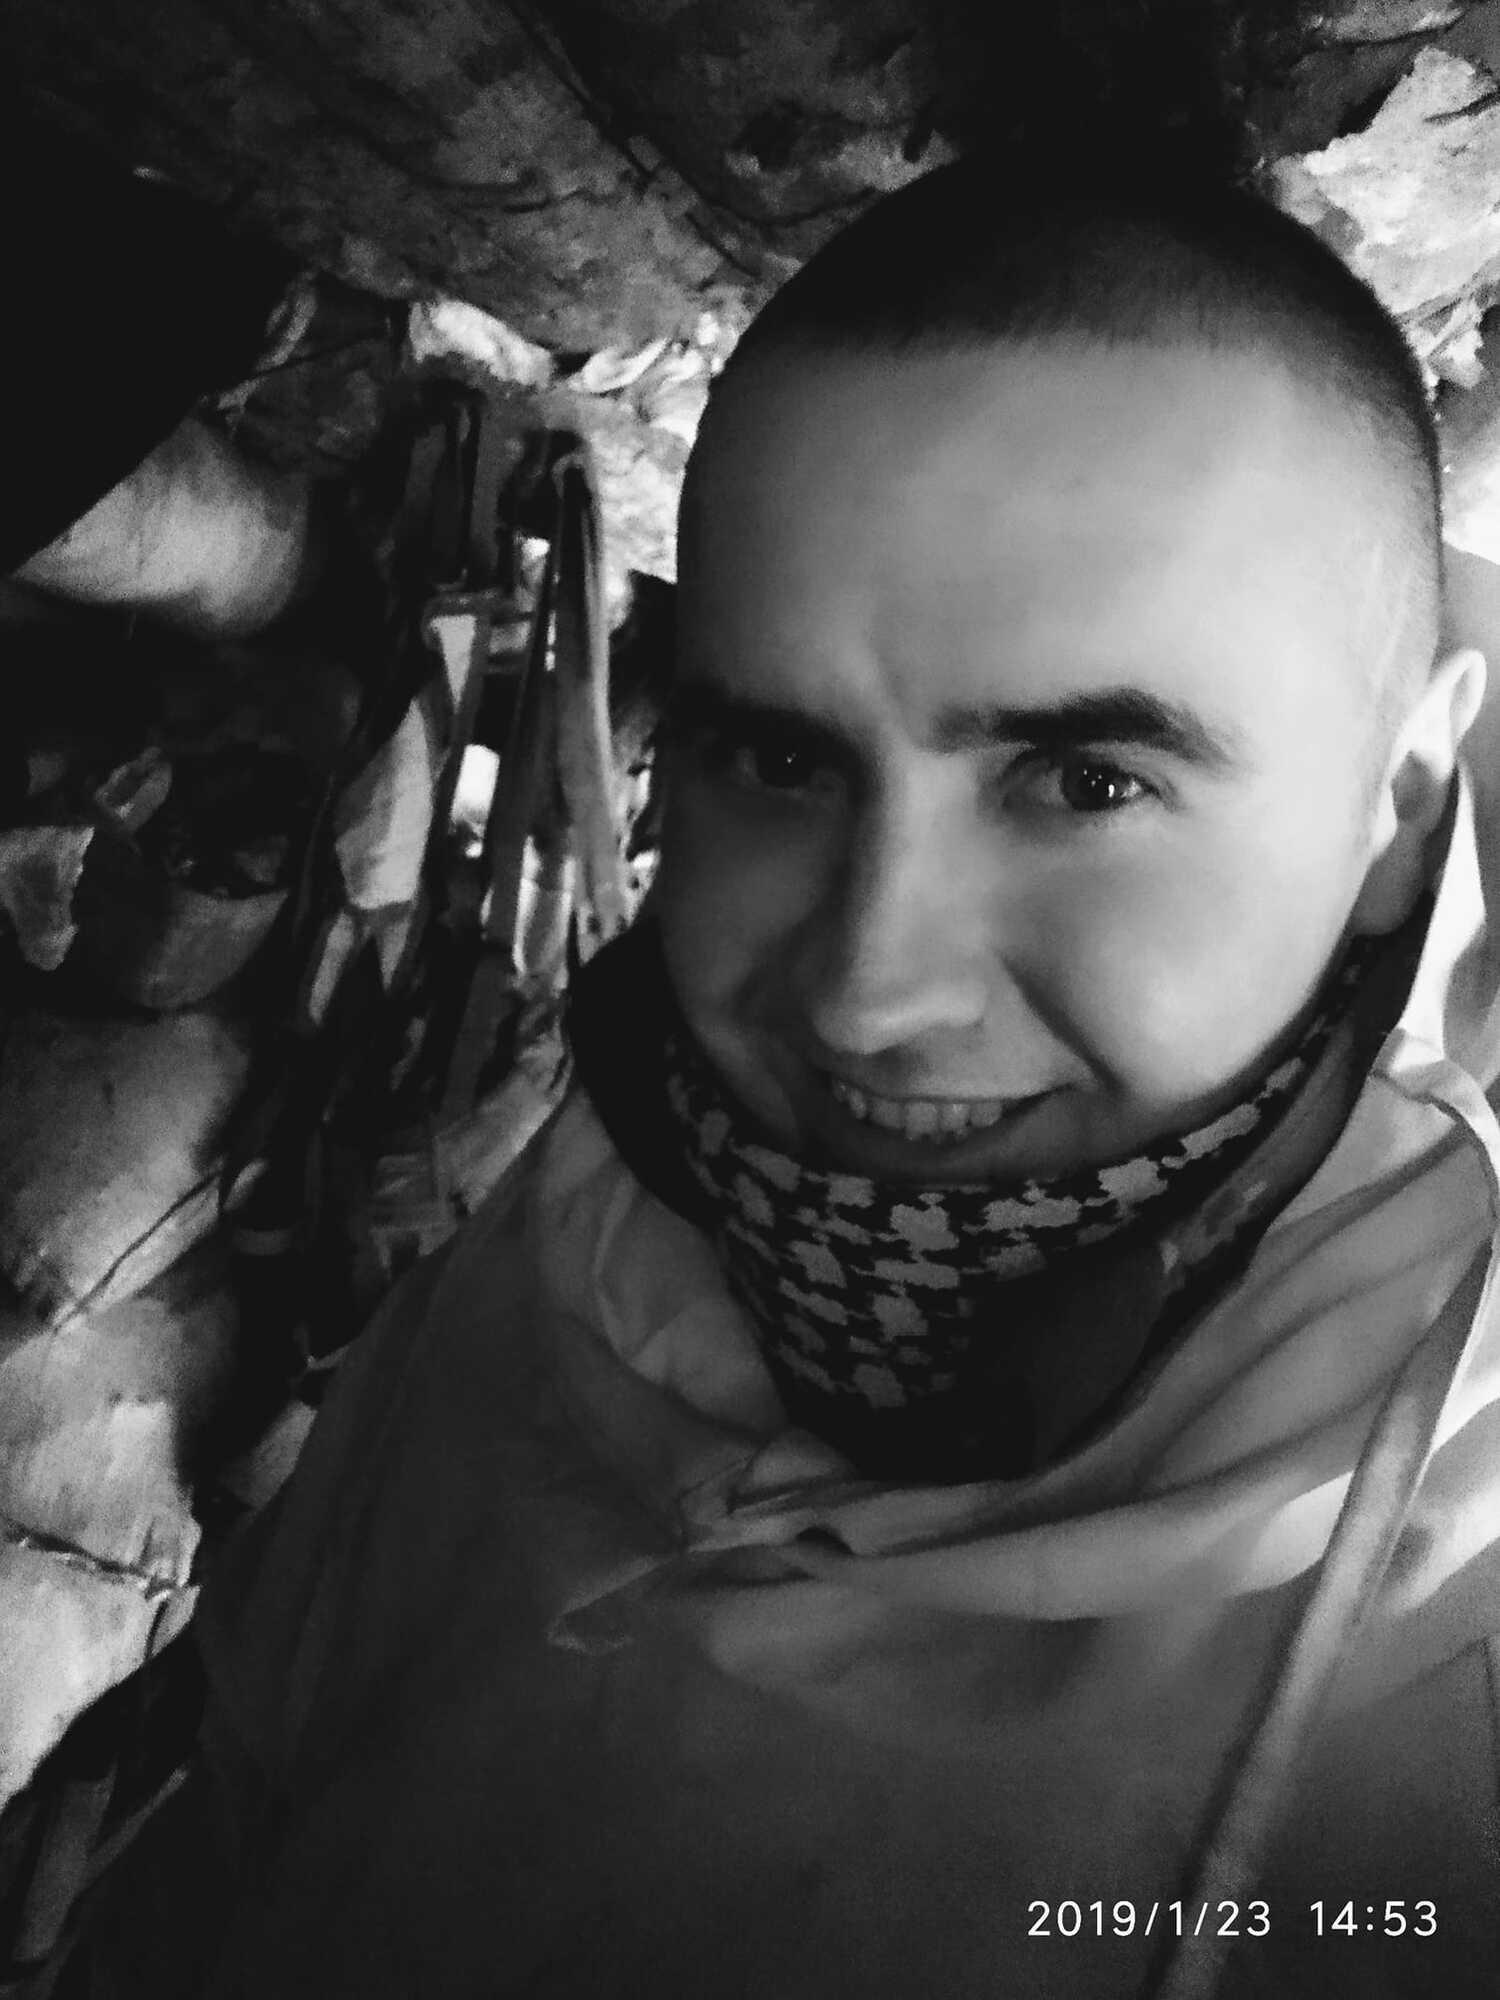 Кран с Ярославом Семенякой был расстрелян вражескими войсками.